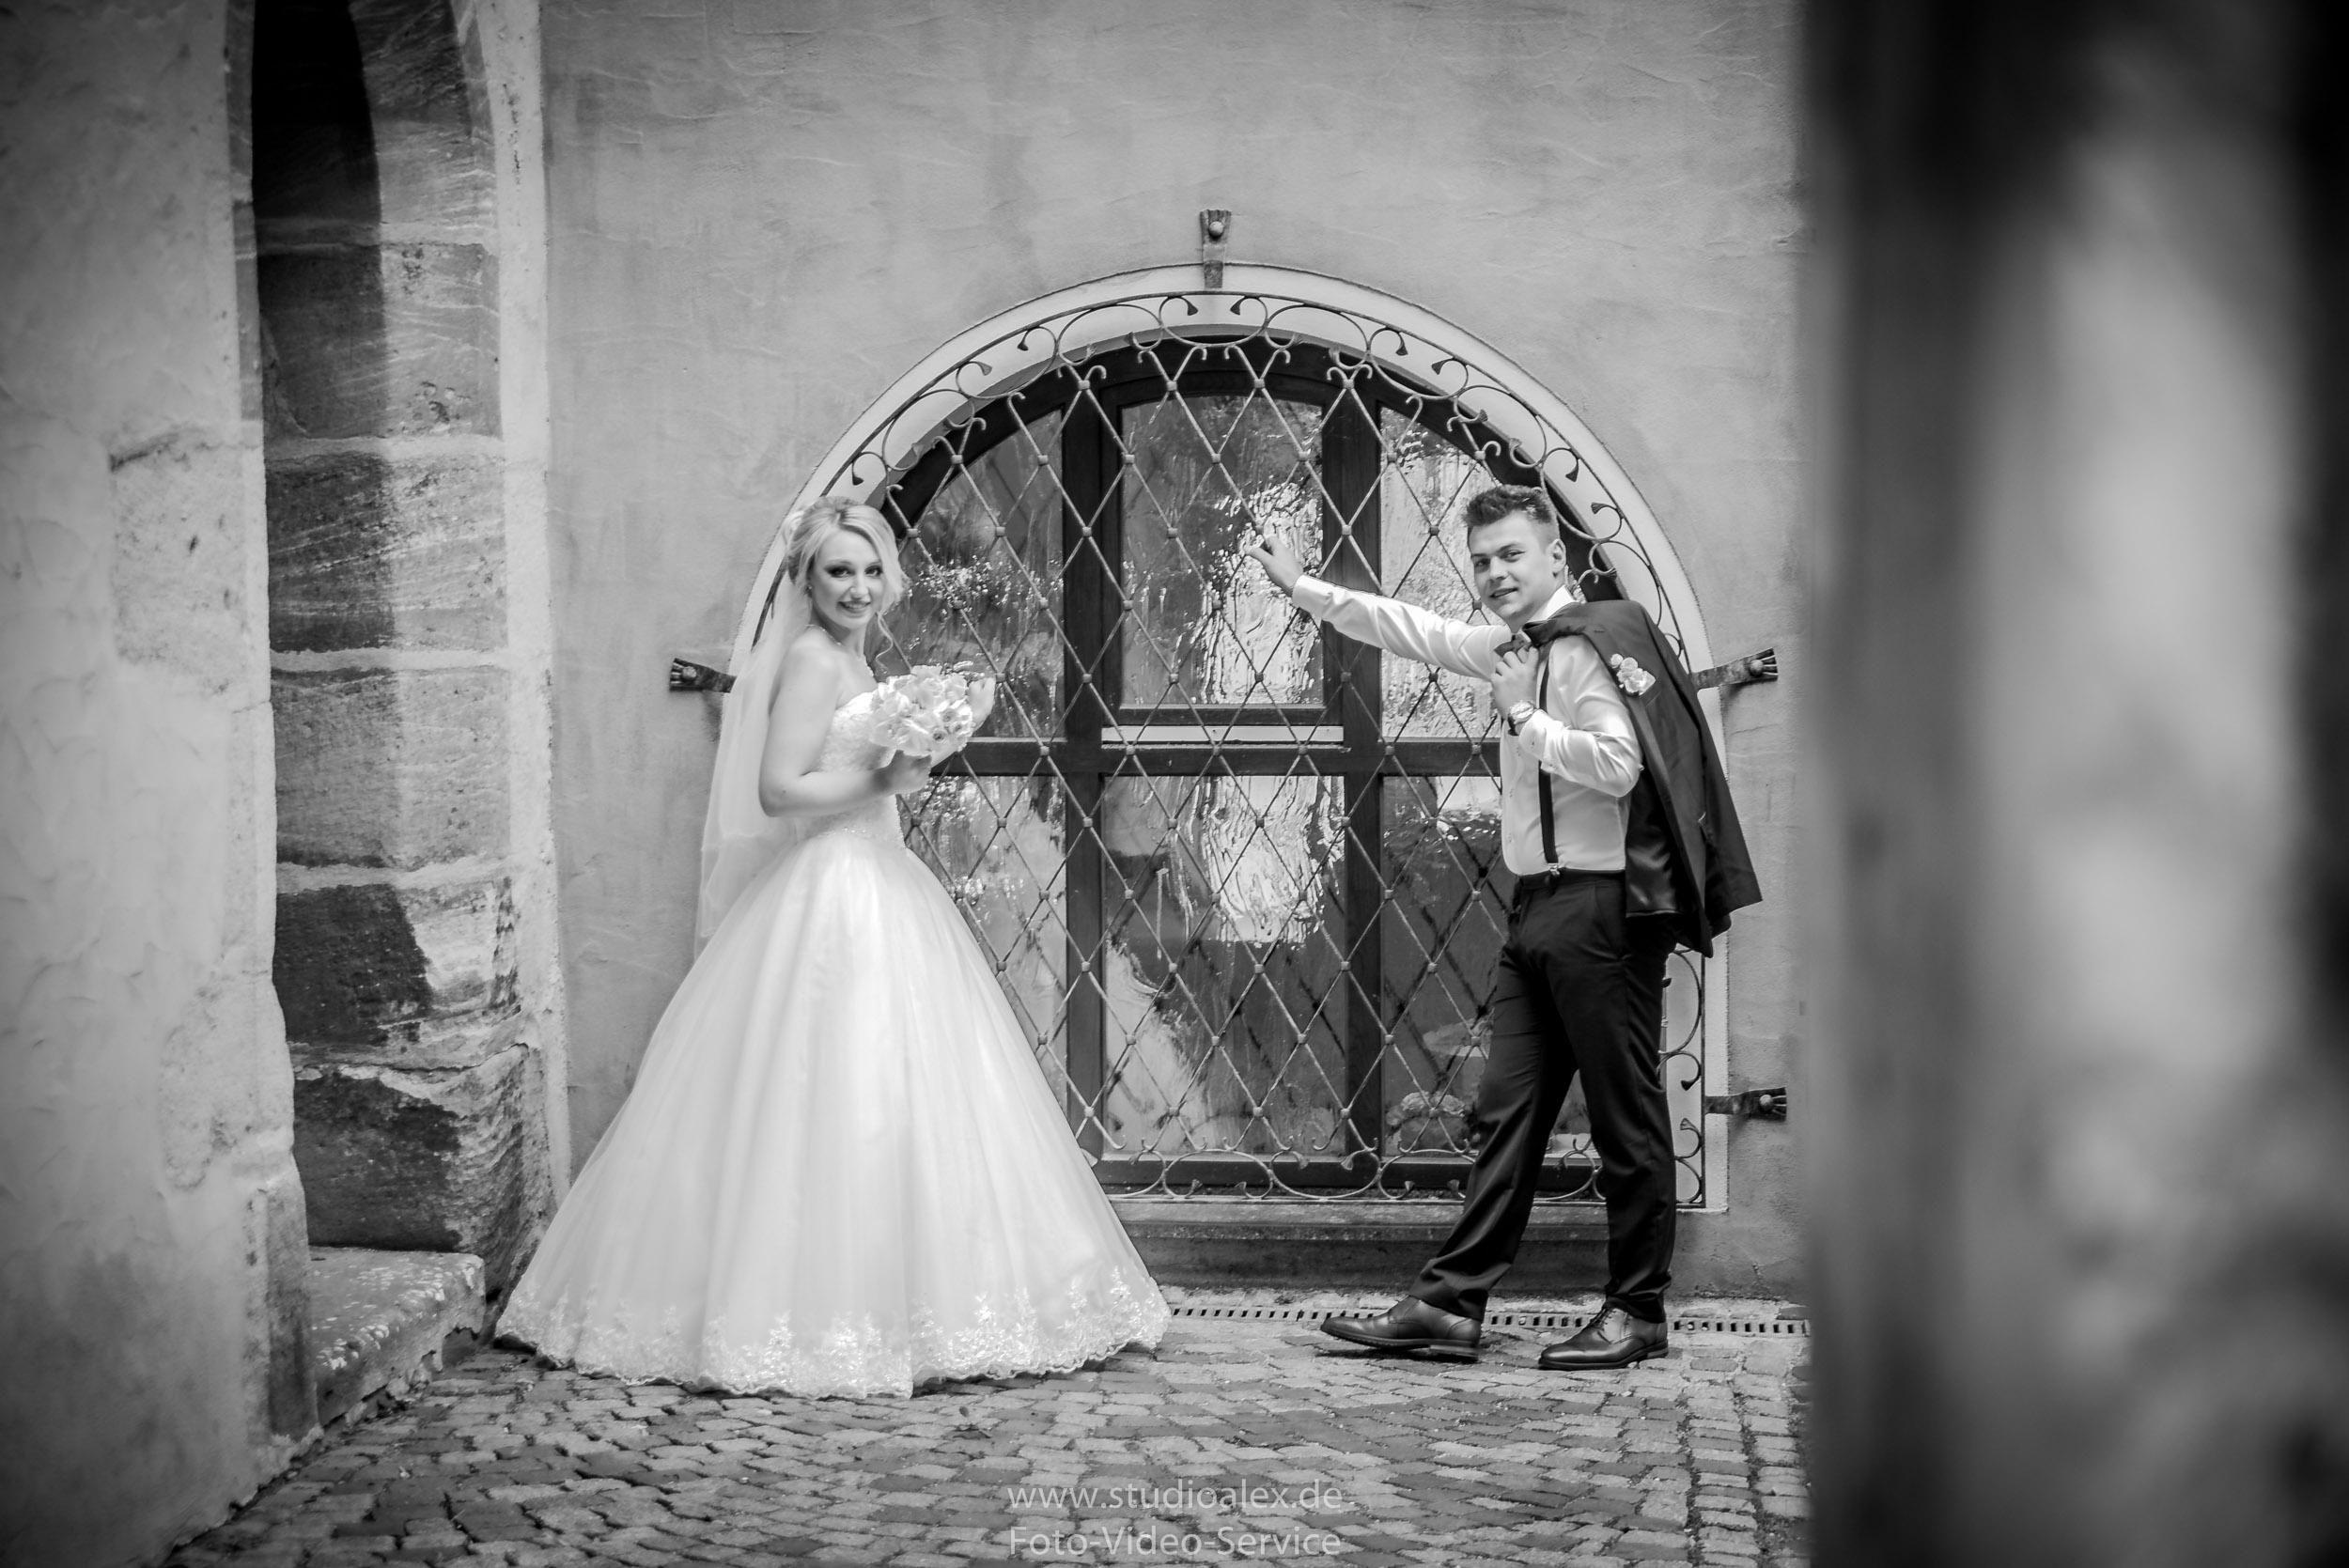 Hochzeitsfotograf-Amberg-Hochzeitsfotografie-Amberg-Hochzeit-Amberg-ACC-Fotograf-Amberg-8208.jpg